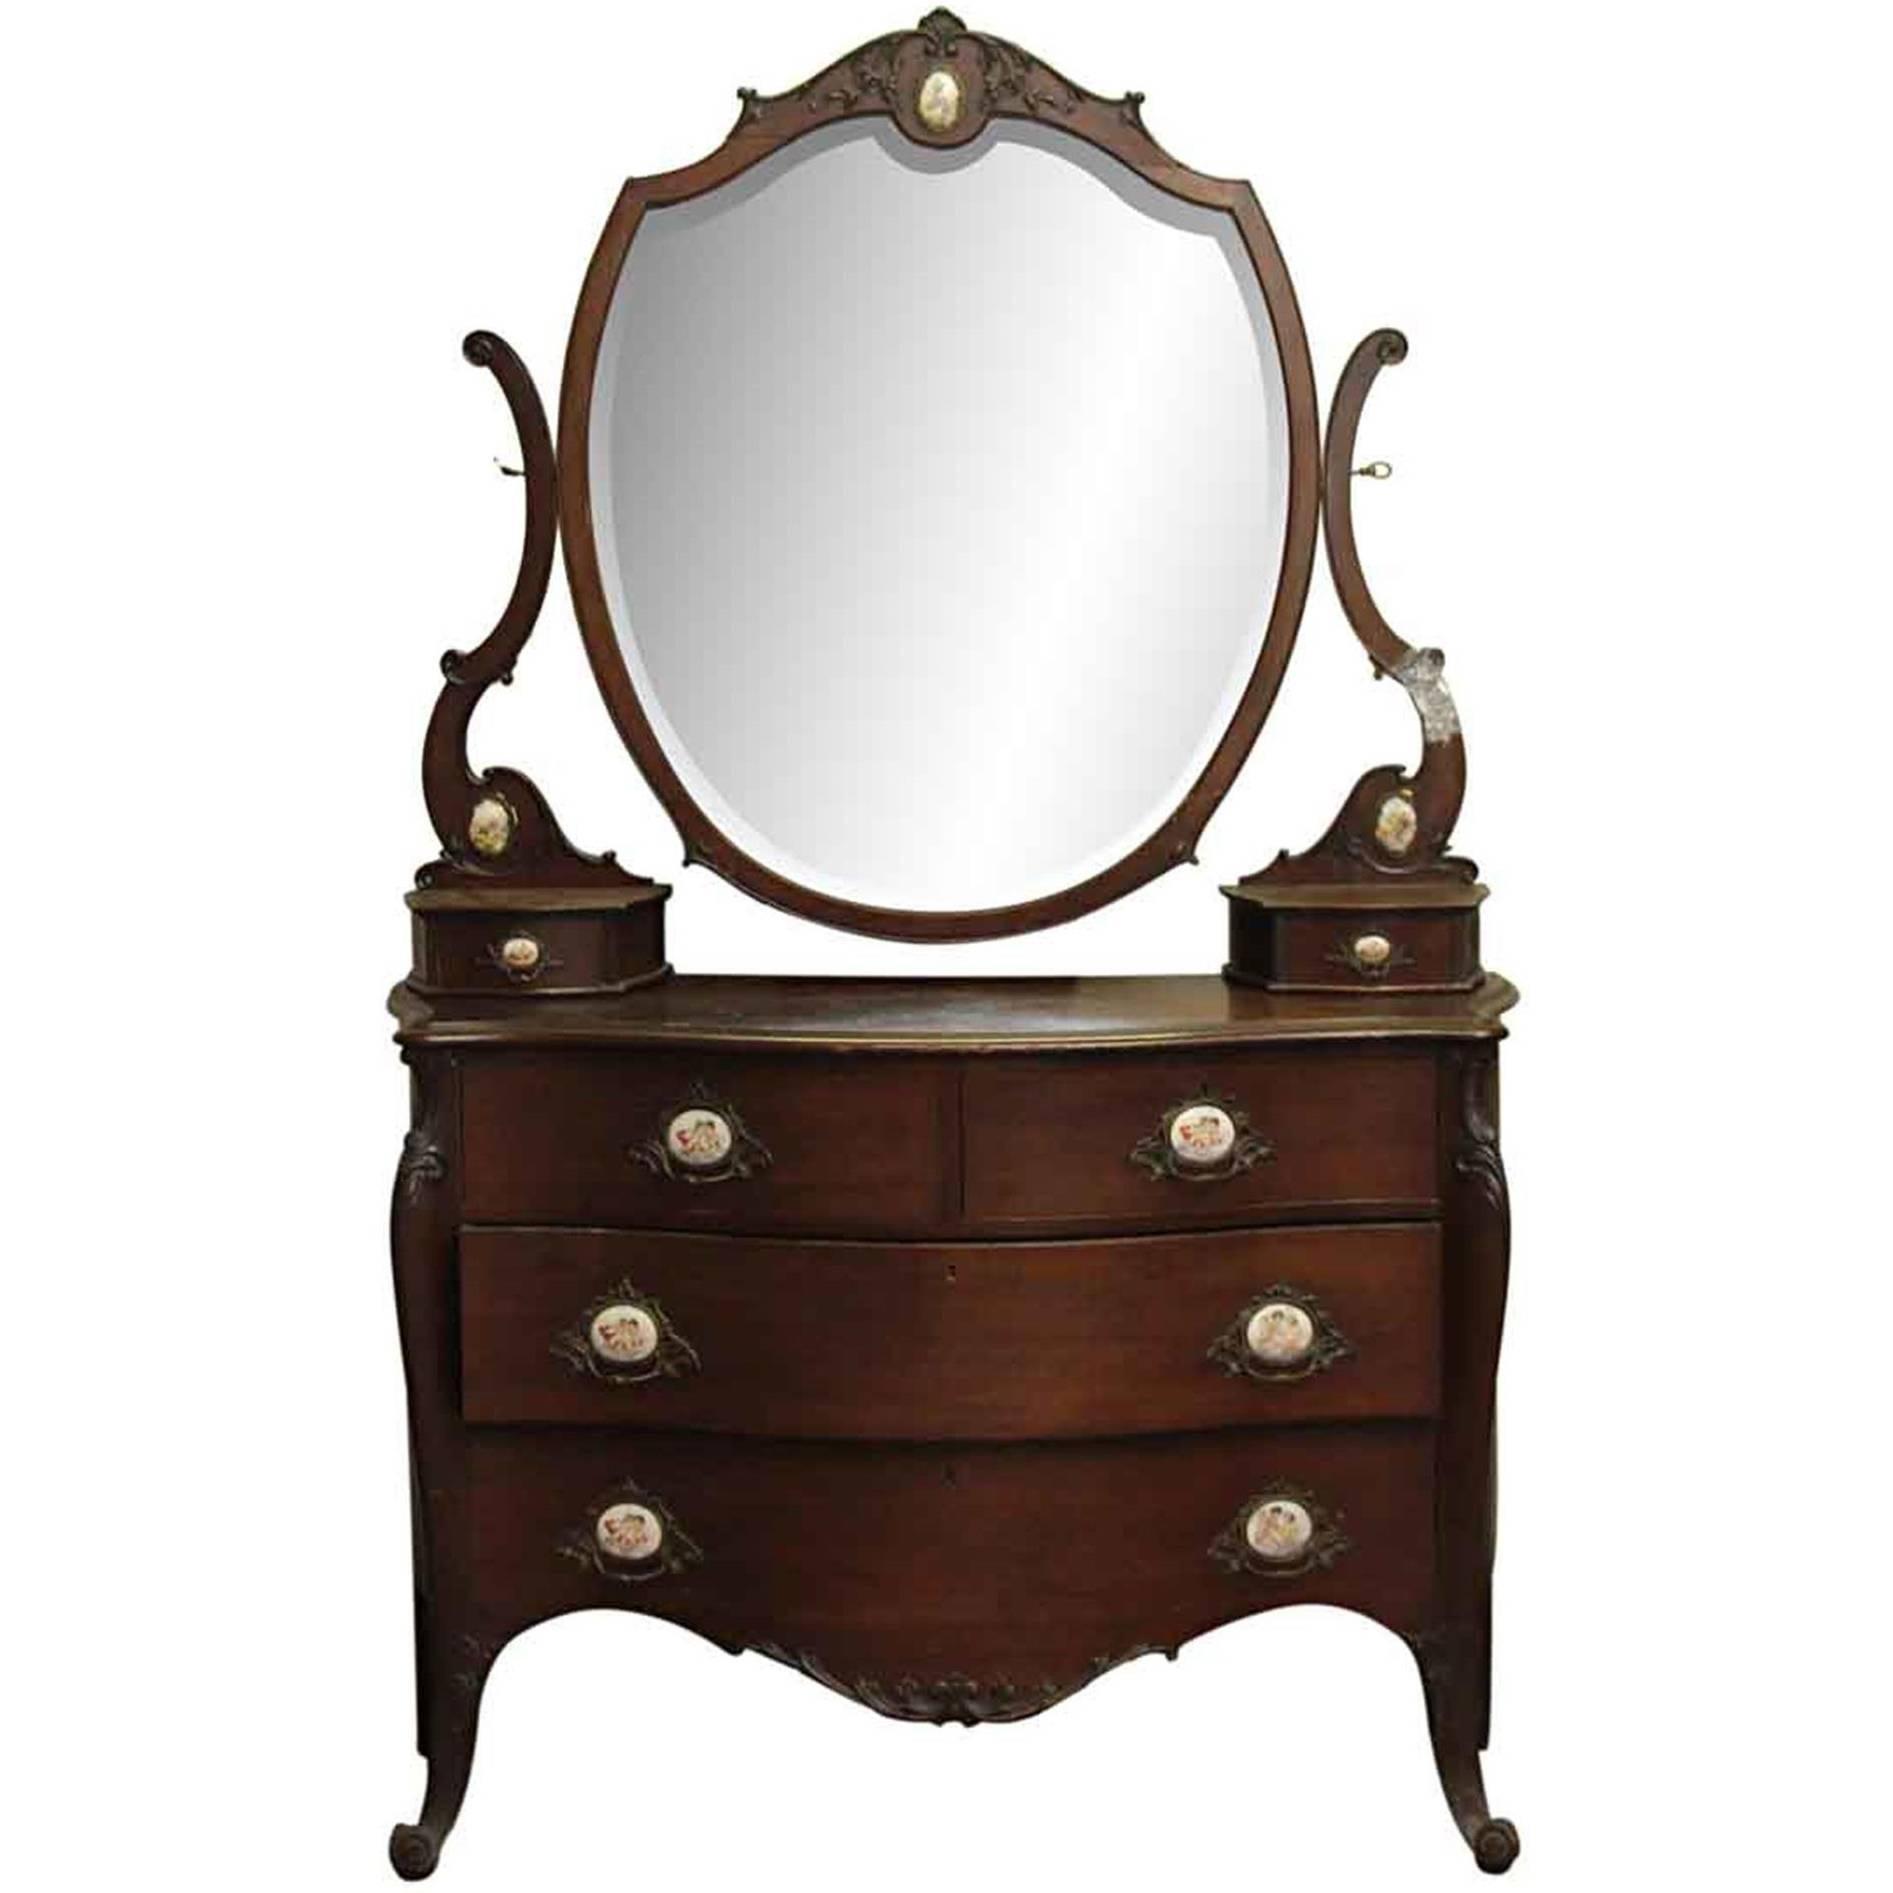 1880s Queen Anne Mahogany Vanity